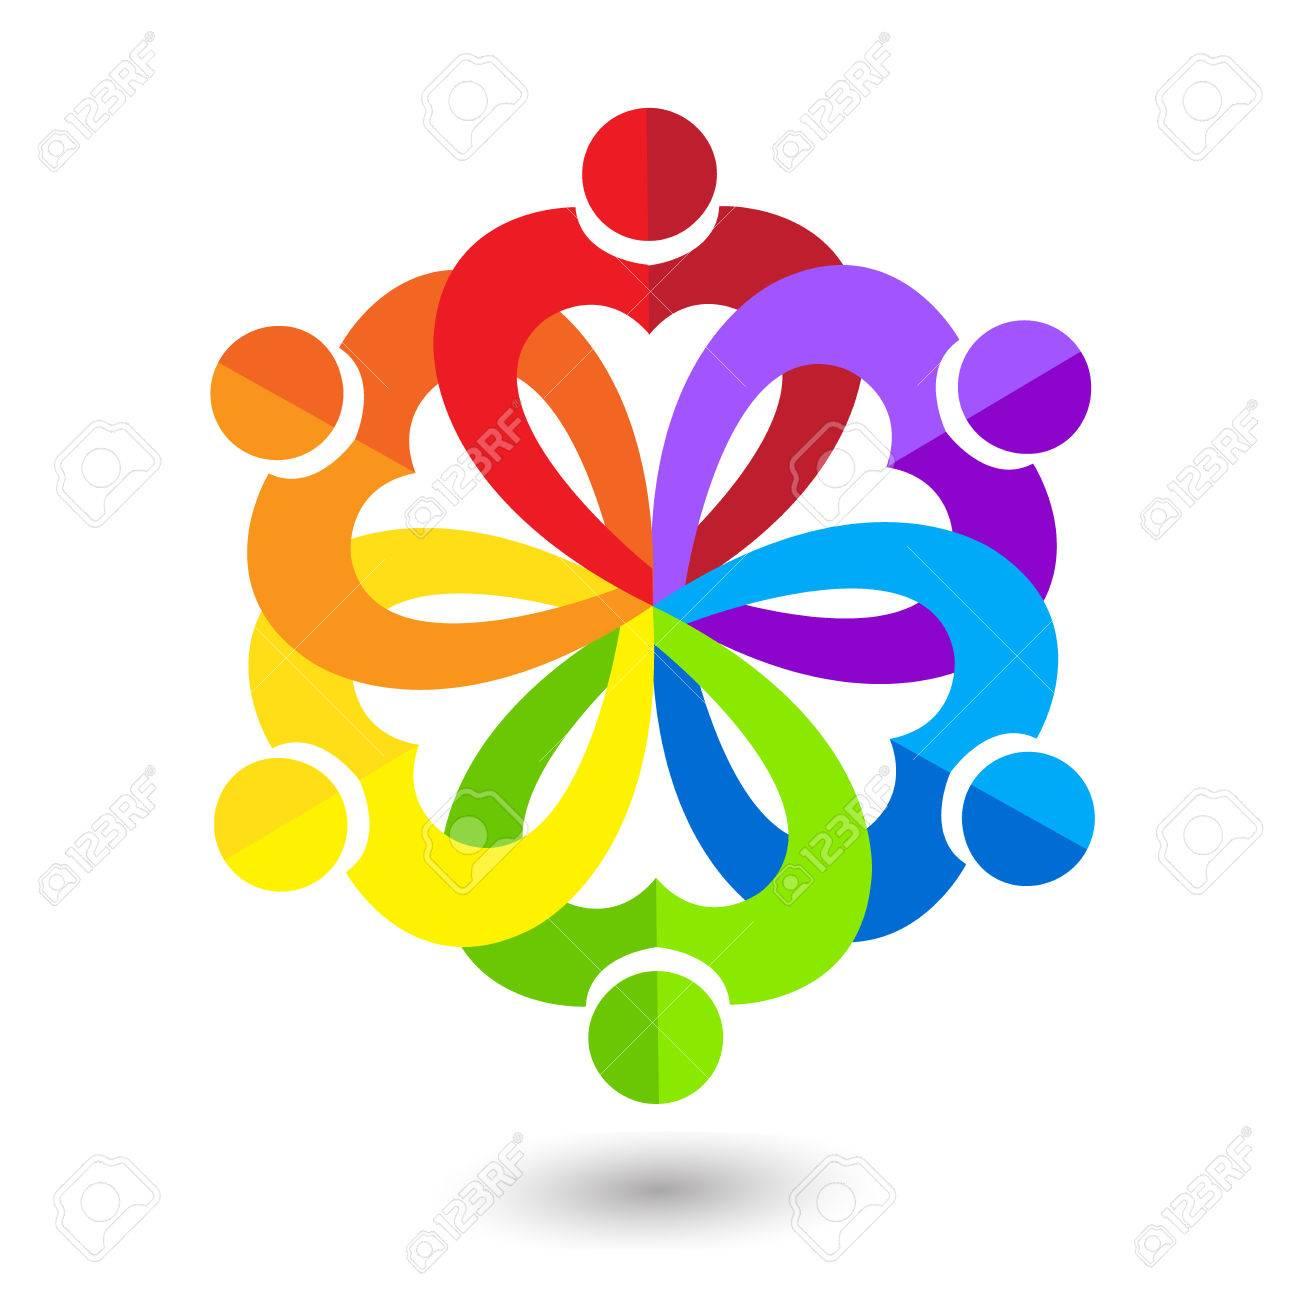 Coeur Amour Travail Dquipe Peuple Unis Icne Carte De Visite Logo